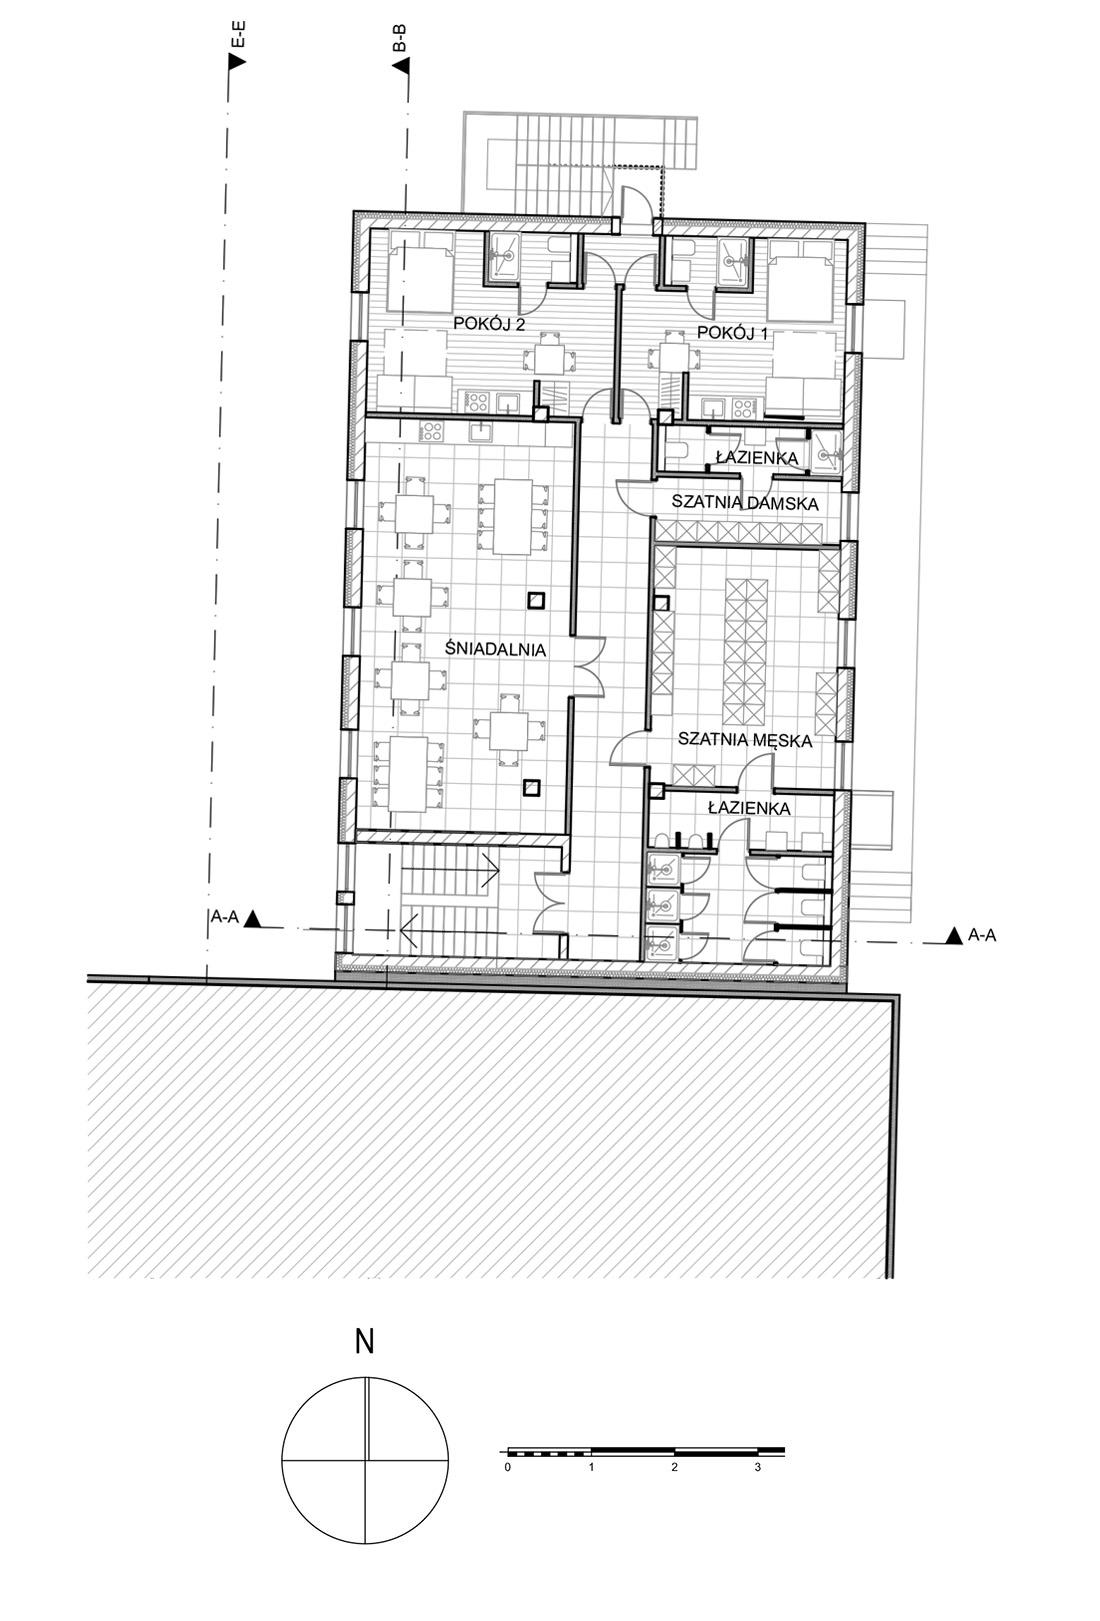 4_Rzut 1 piętra hali magazynowej